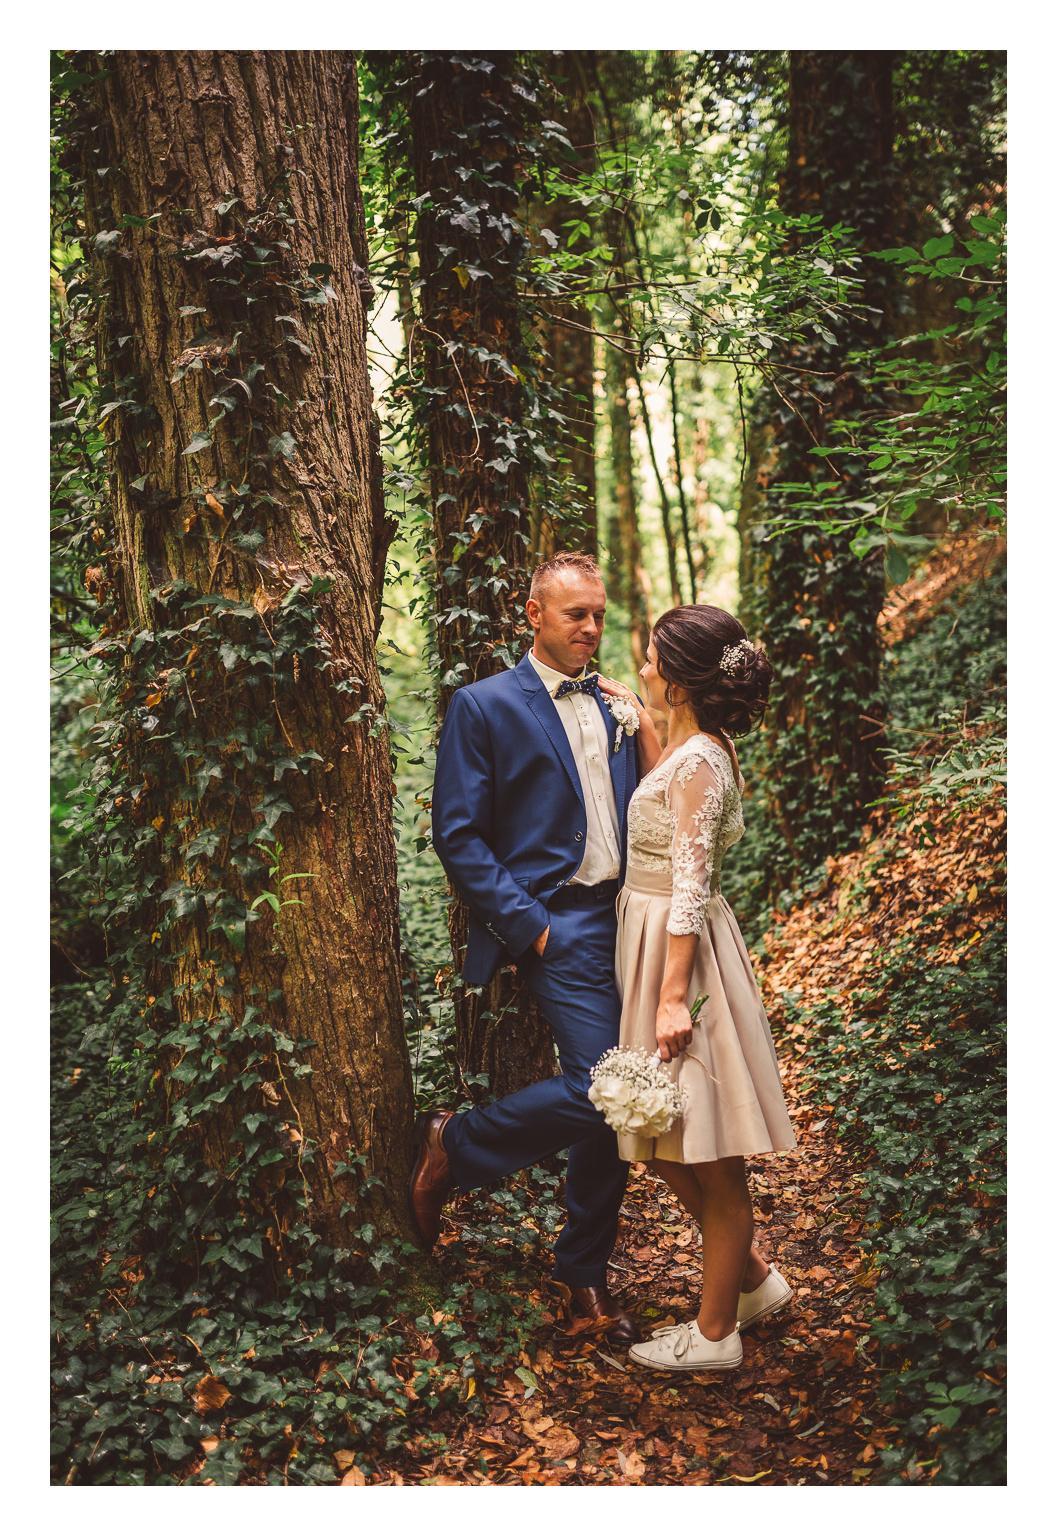 peter_a_lucia - Krátke svadobné šaty (zvlášť bolerko a sukňa)